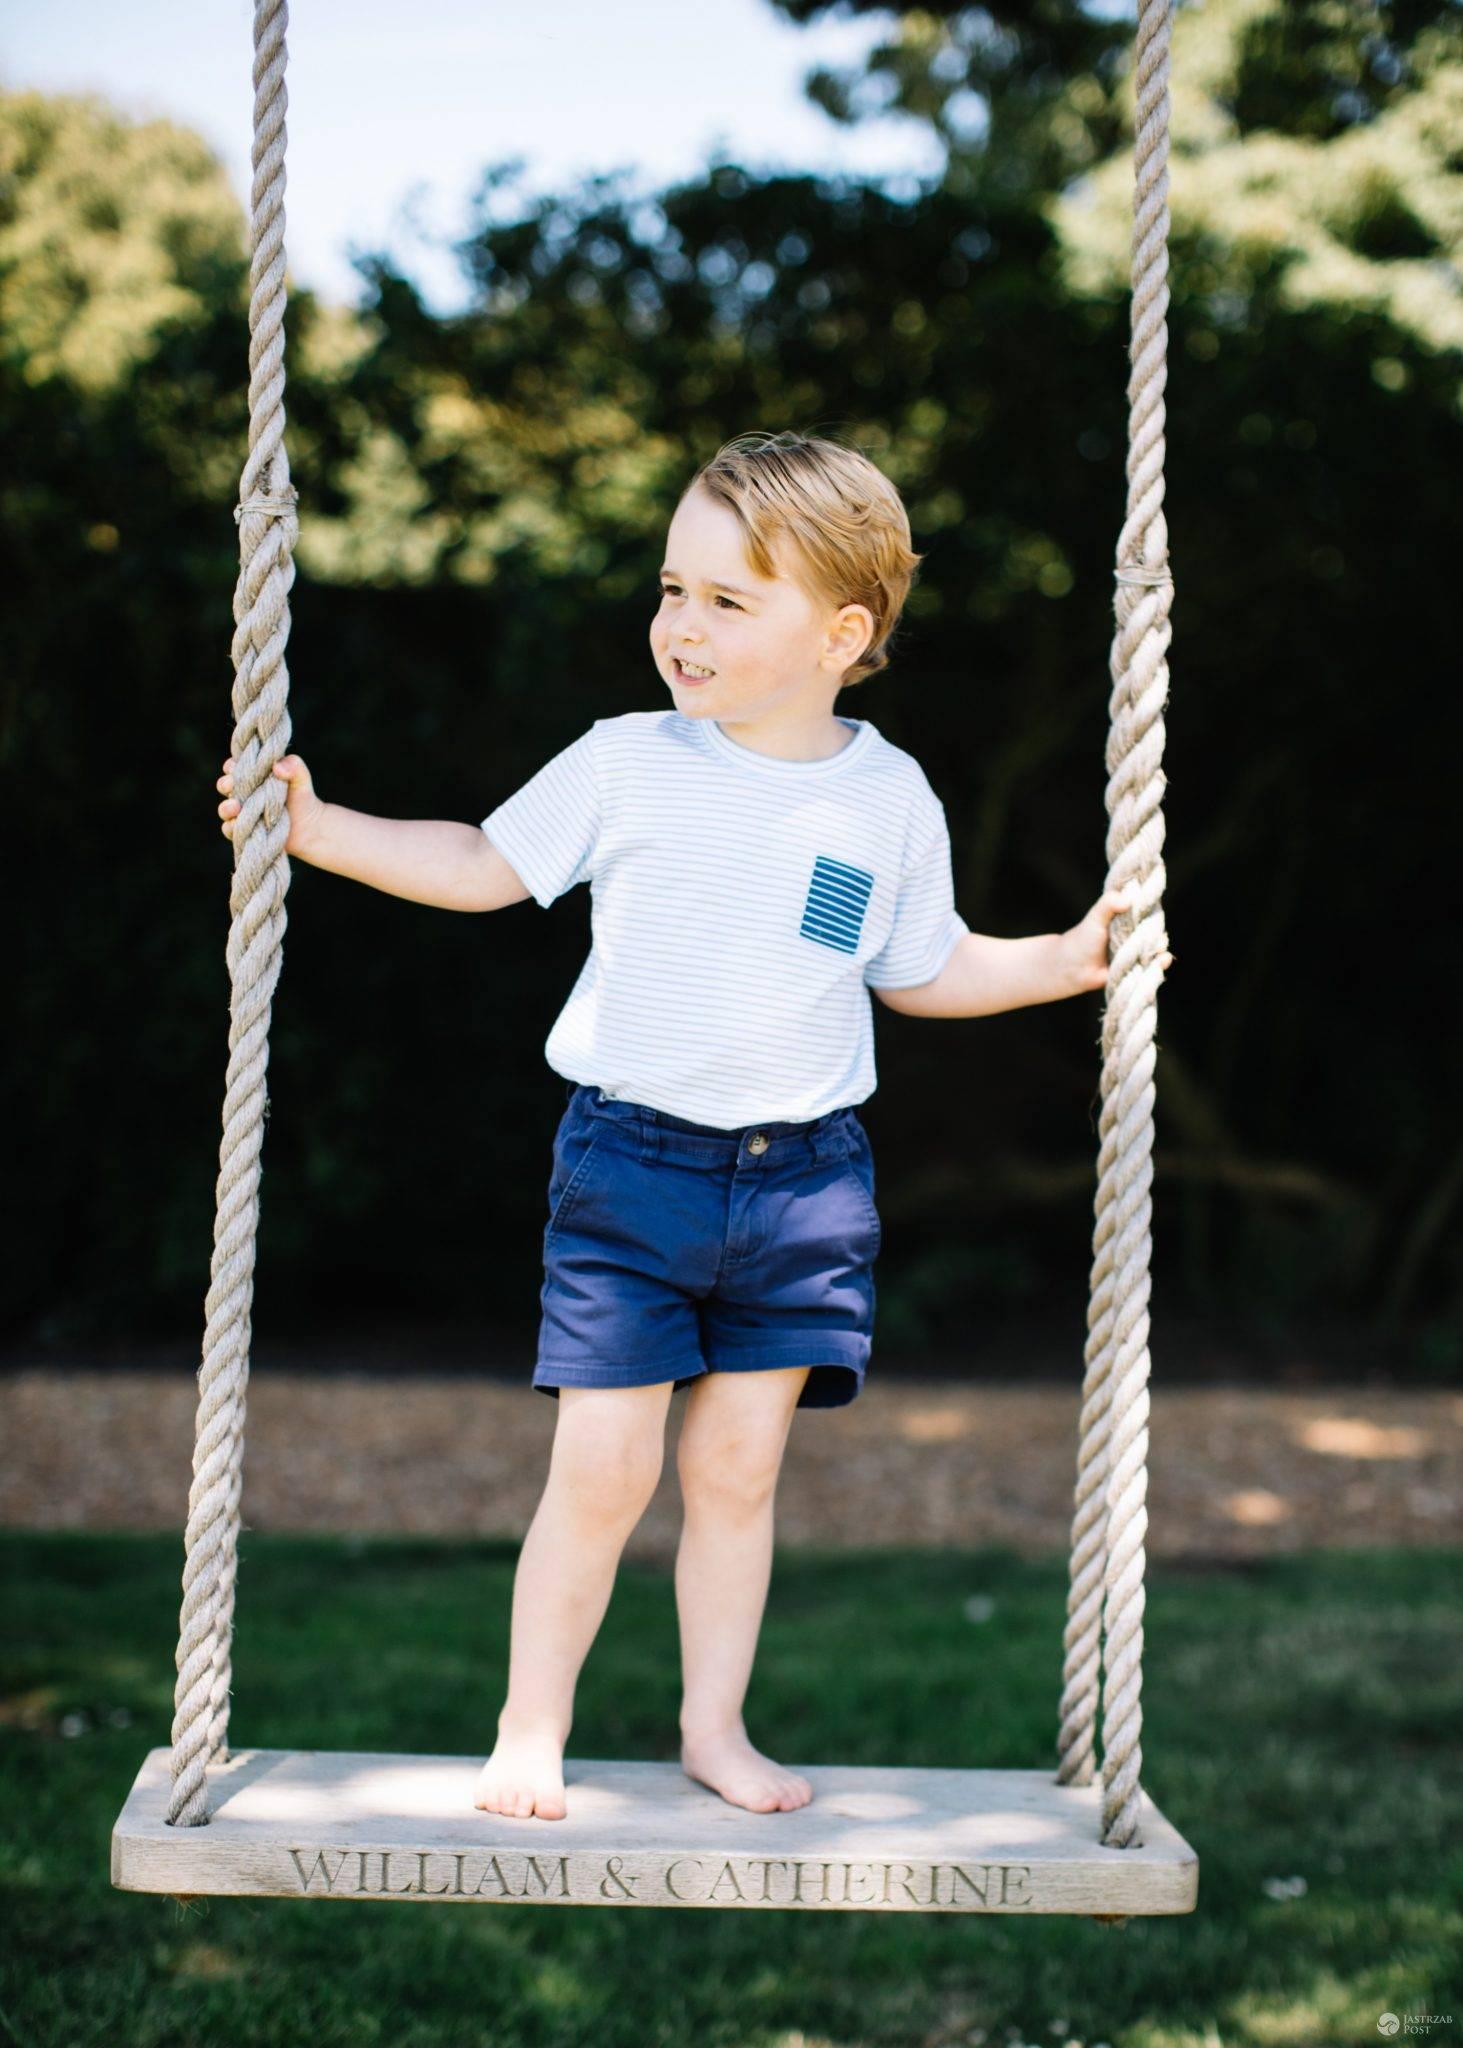 Książę George ma 3 lata! Nowe zdjęcia synowi Kate i Williama wykonał Matt Porteous (fot. ONS)